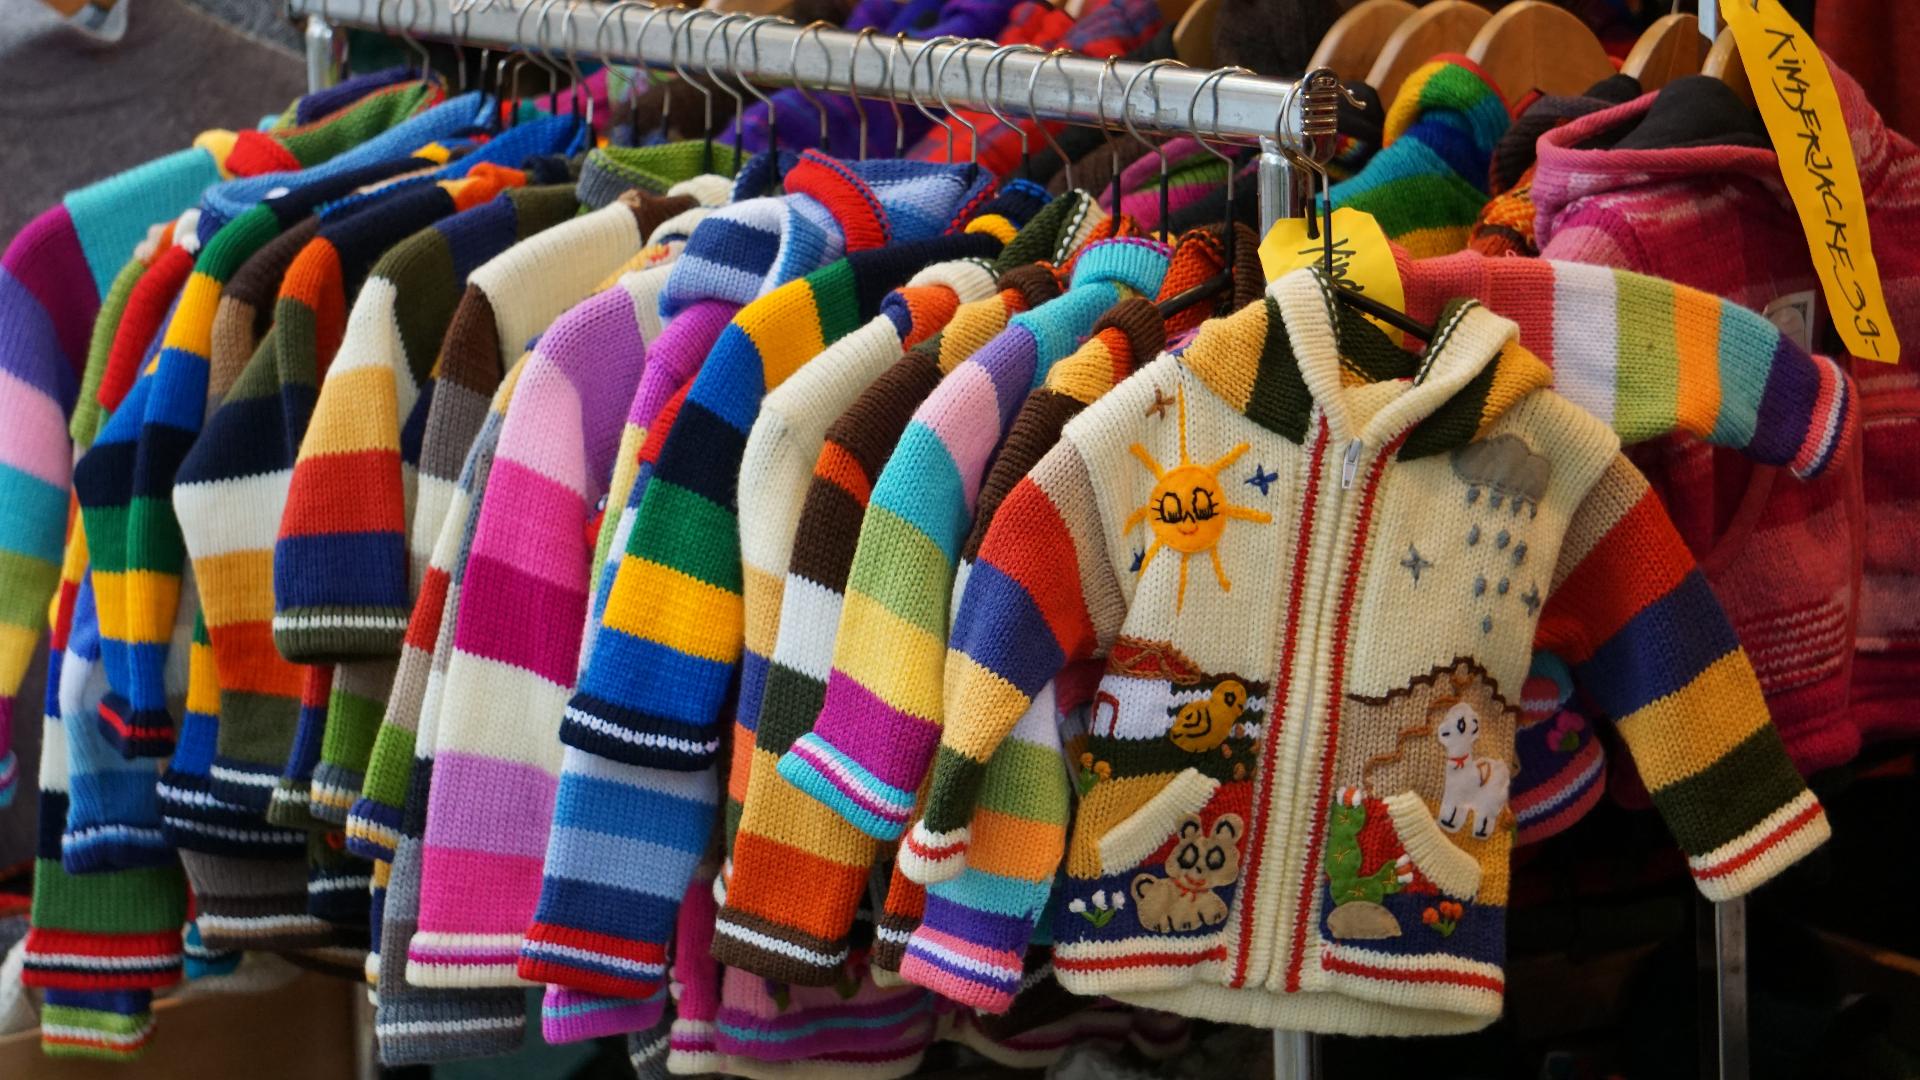 Best Place to Shop in Mirik - Eastern Side of Lake Mirik